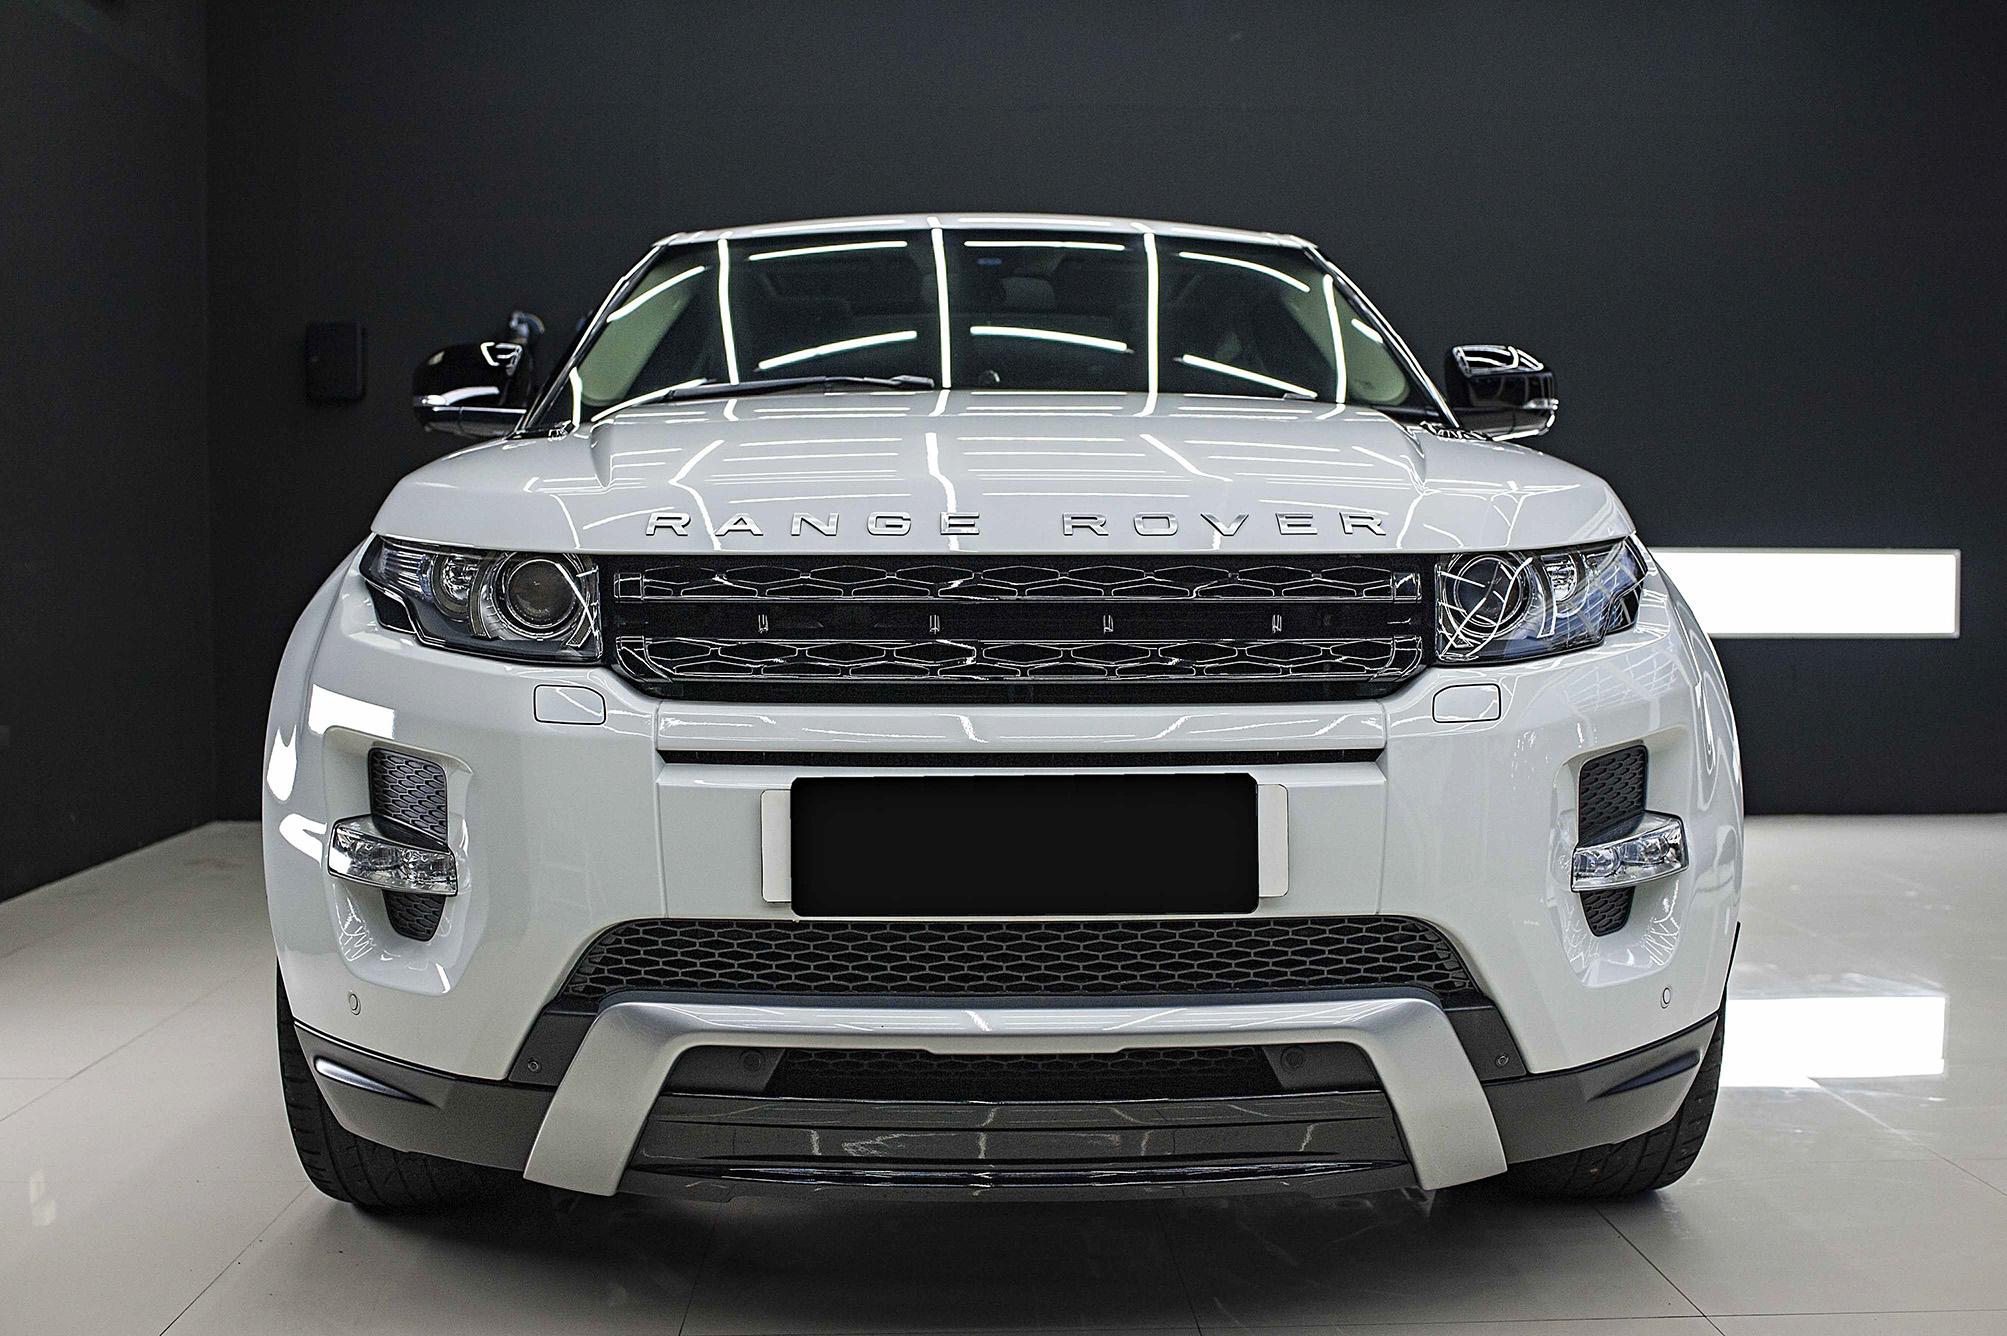 Range Rover Evogue for Cquartz UK 3.0 Ceramic Coating